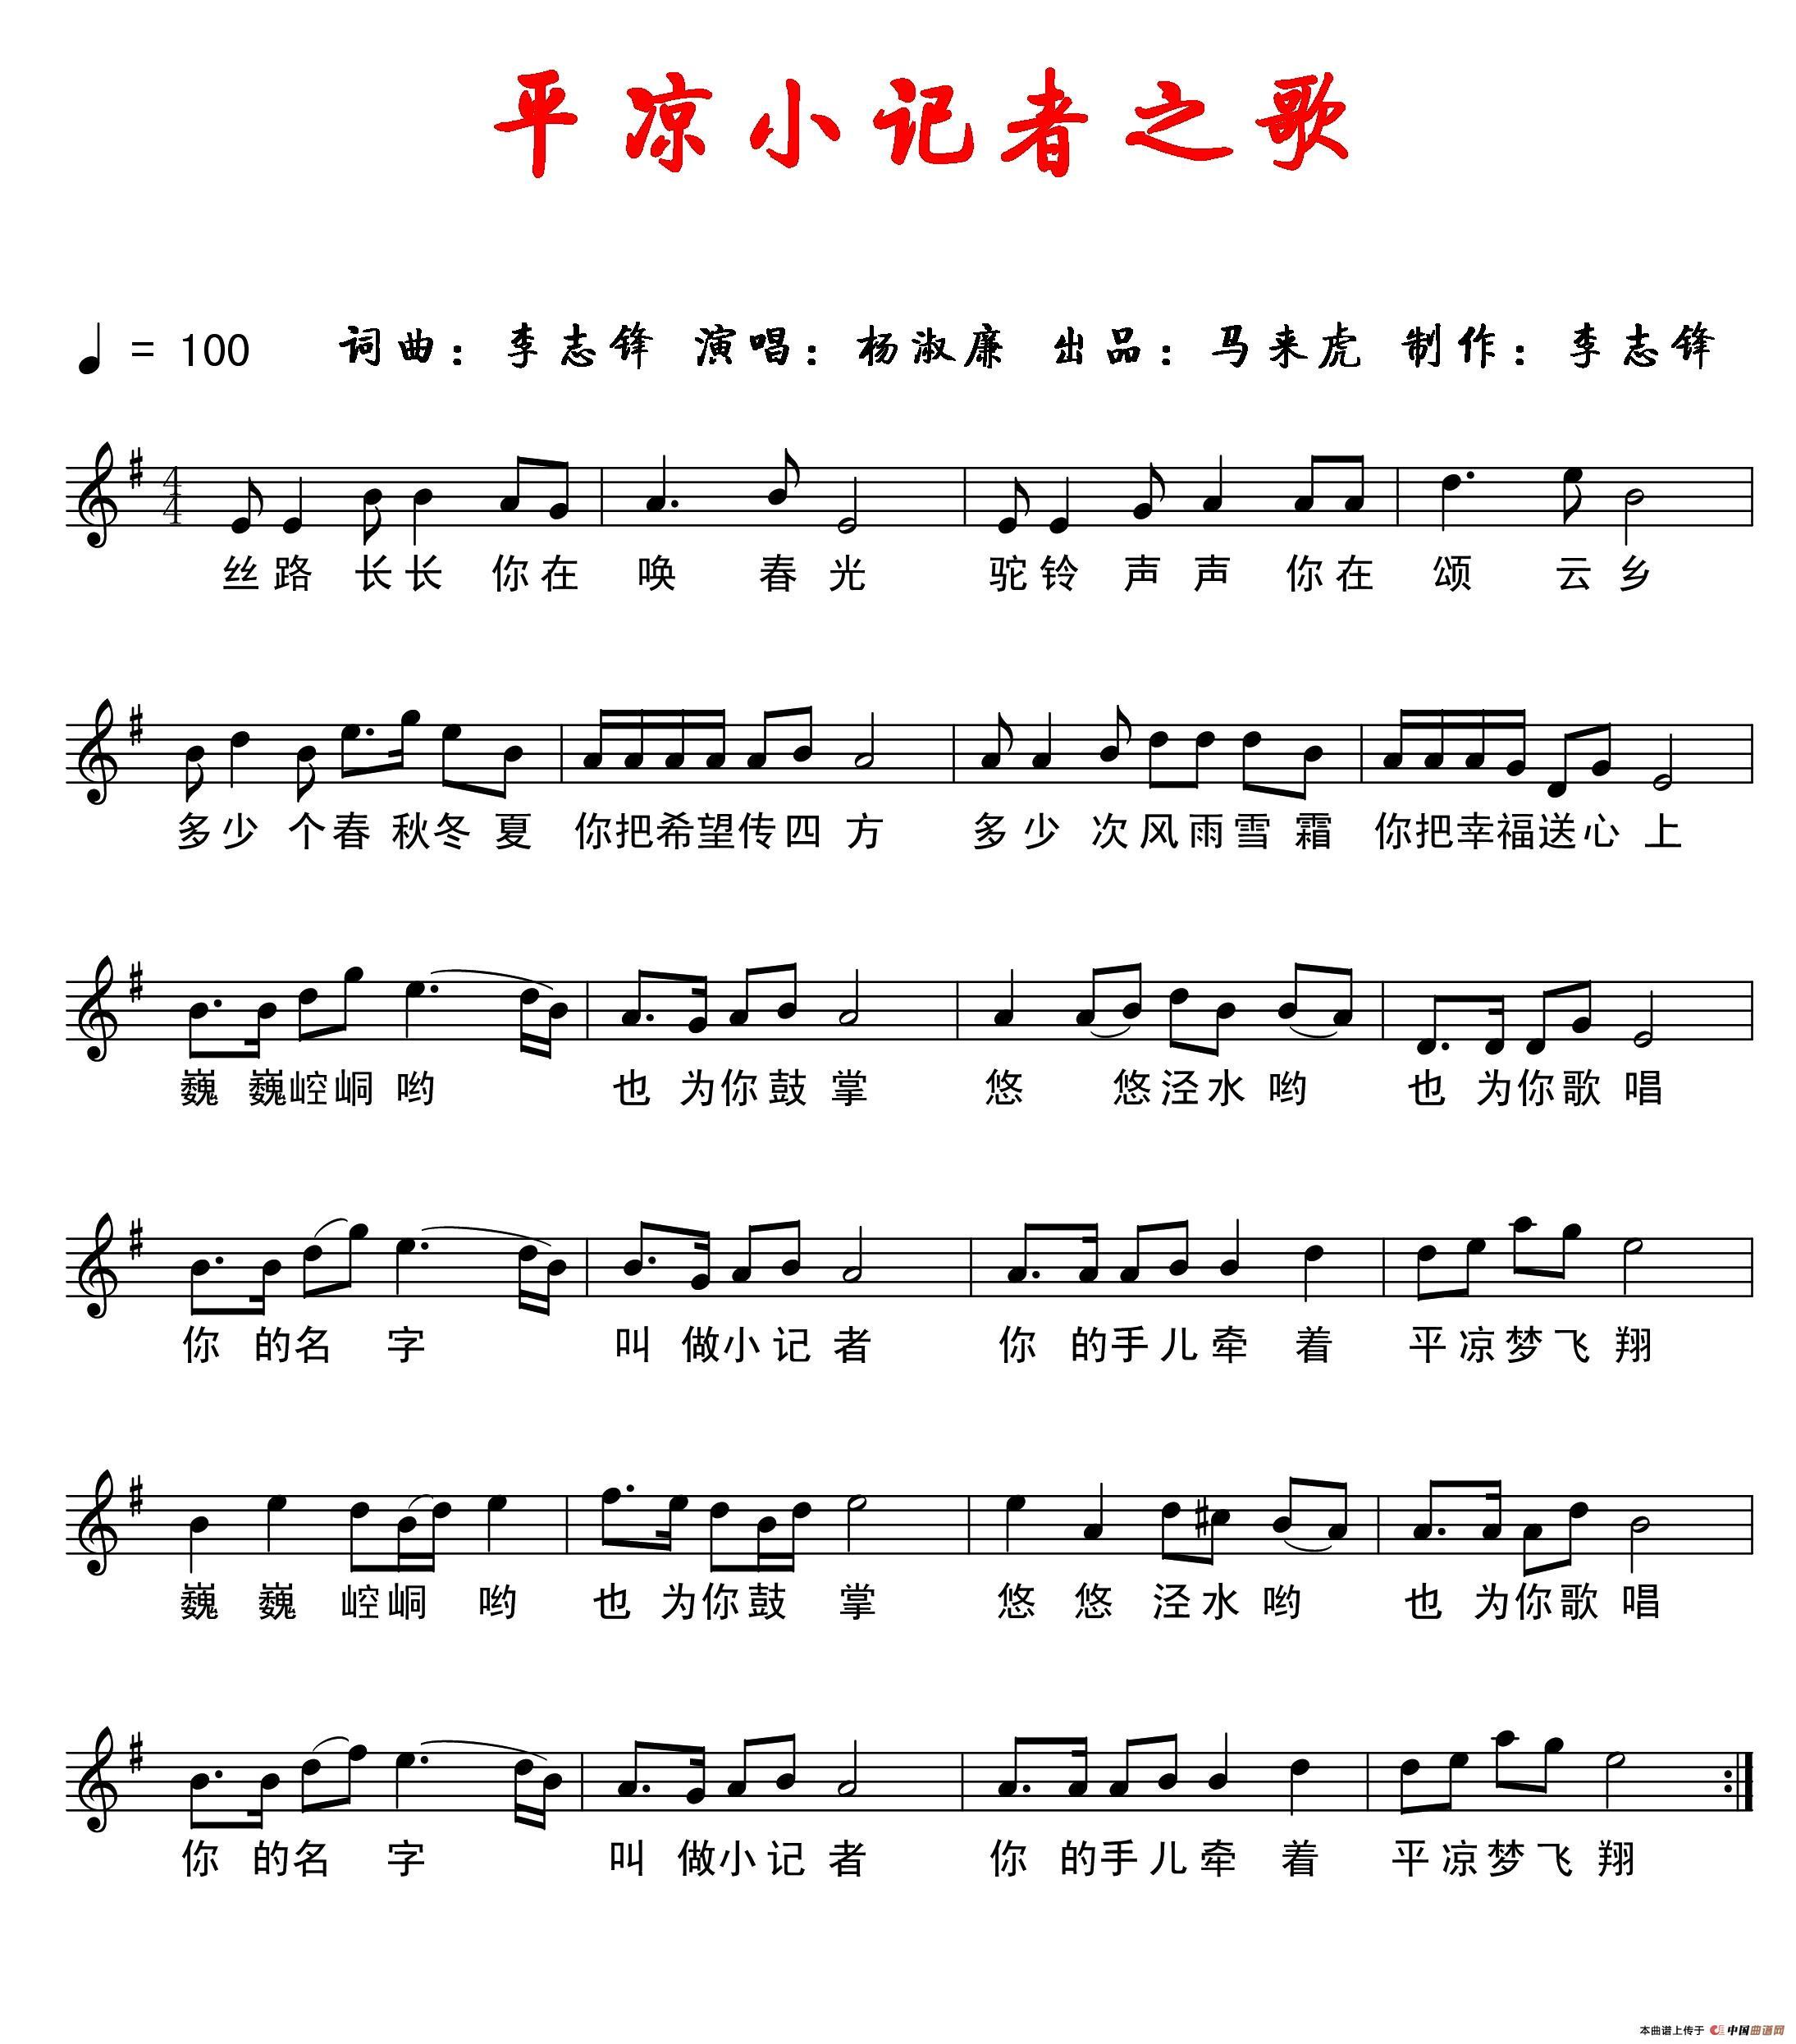 简谱 五线谱 少儿曲谱 中国曲谱网